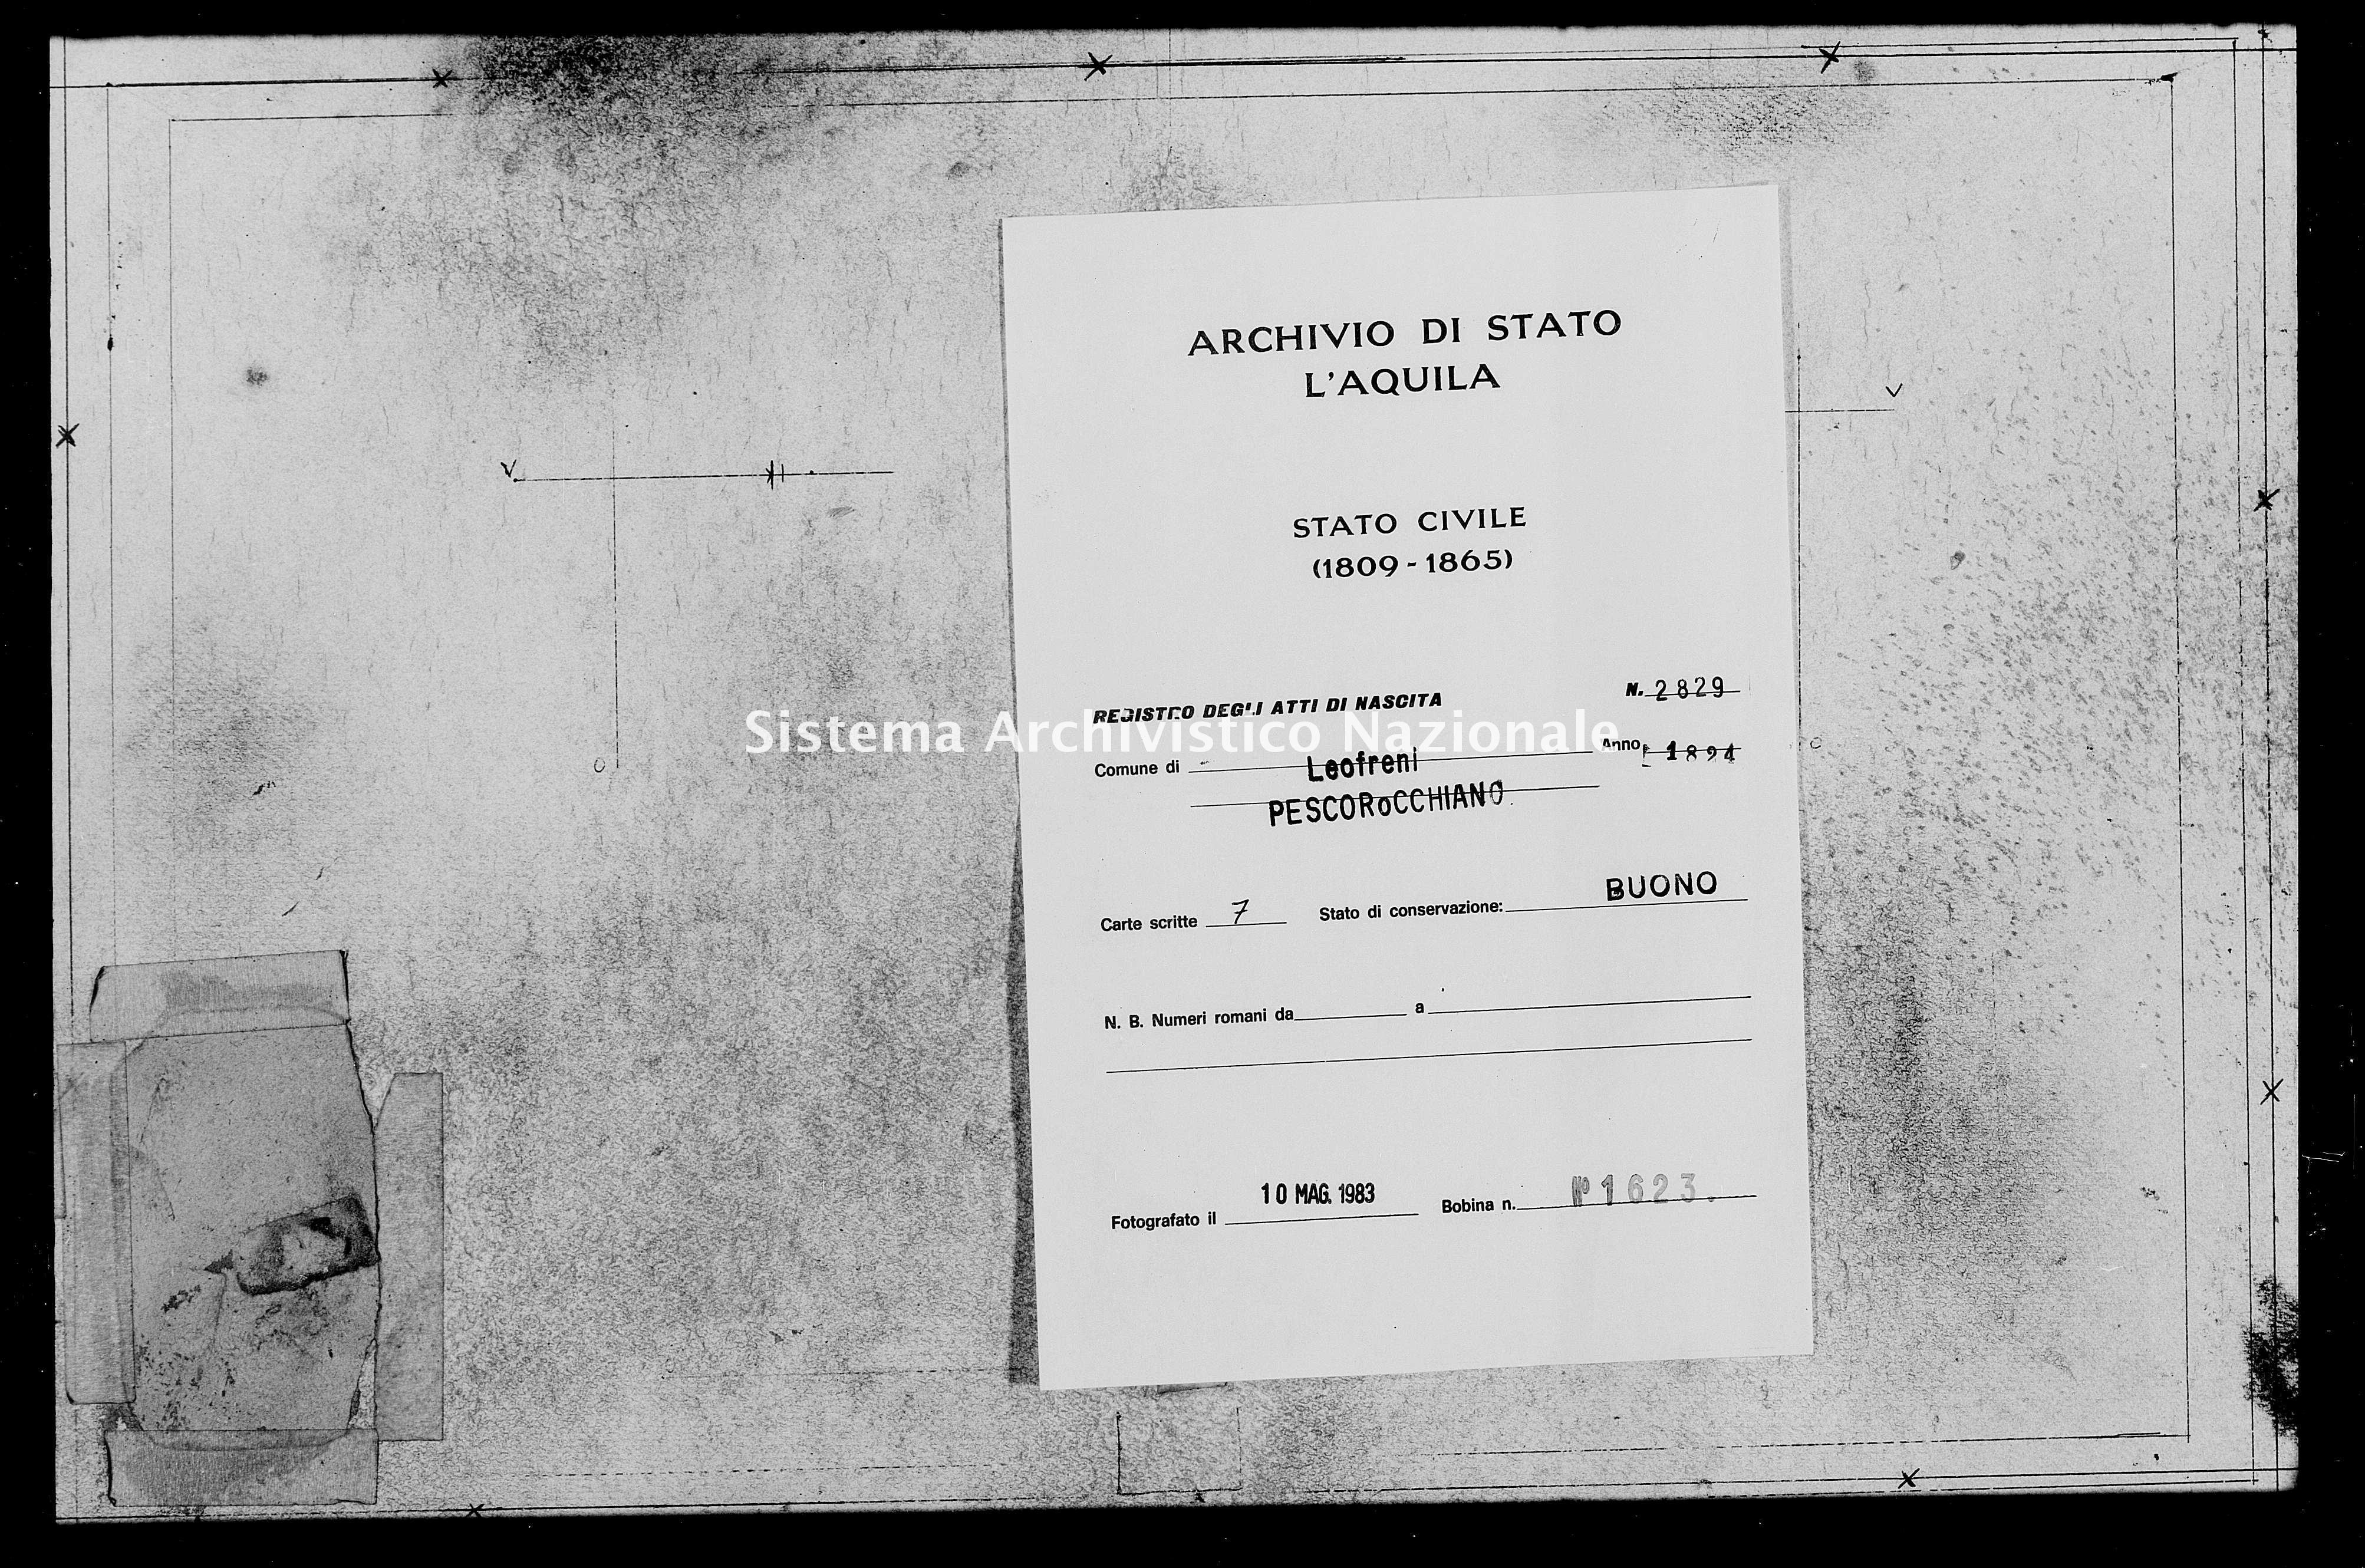 Archivio di stato di L'aquila - Stato civile della restaurazione - Leofreni - Nati - 1824 - 2829 -